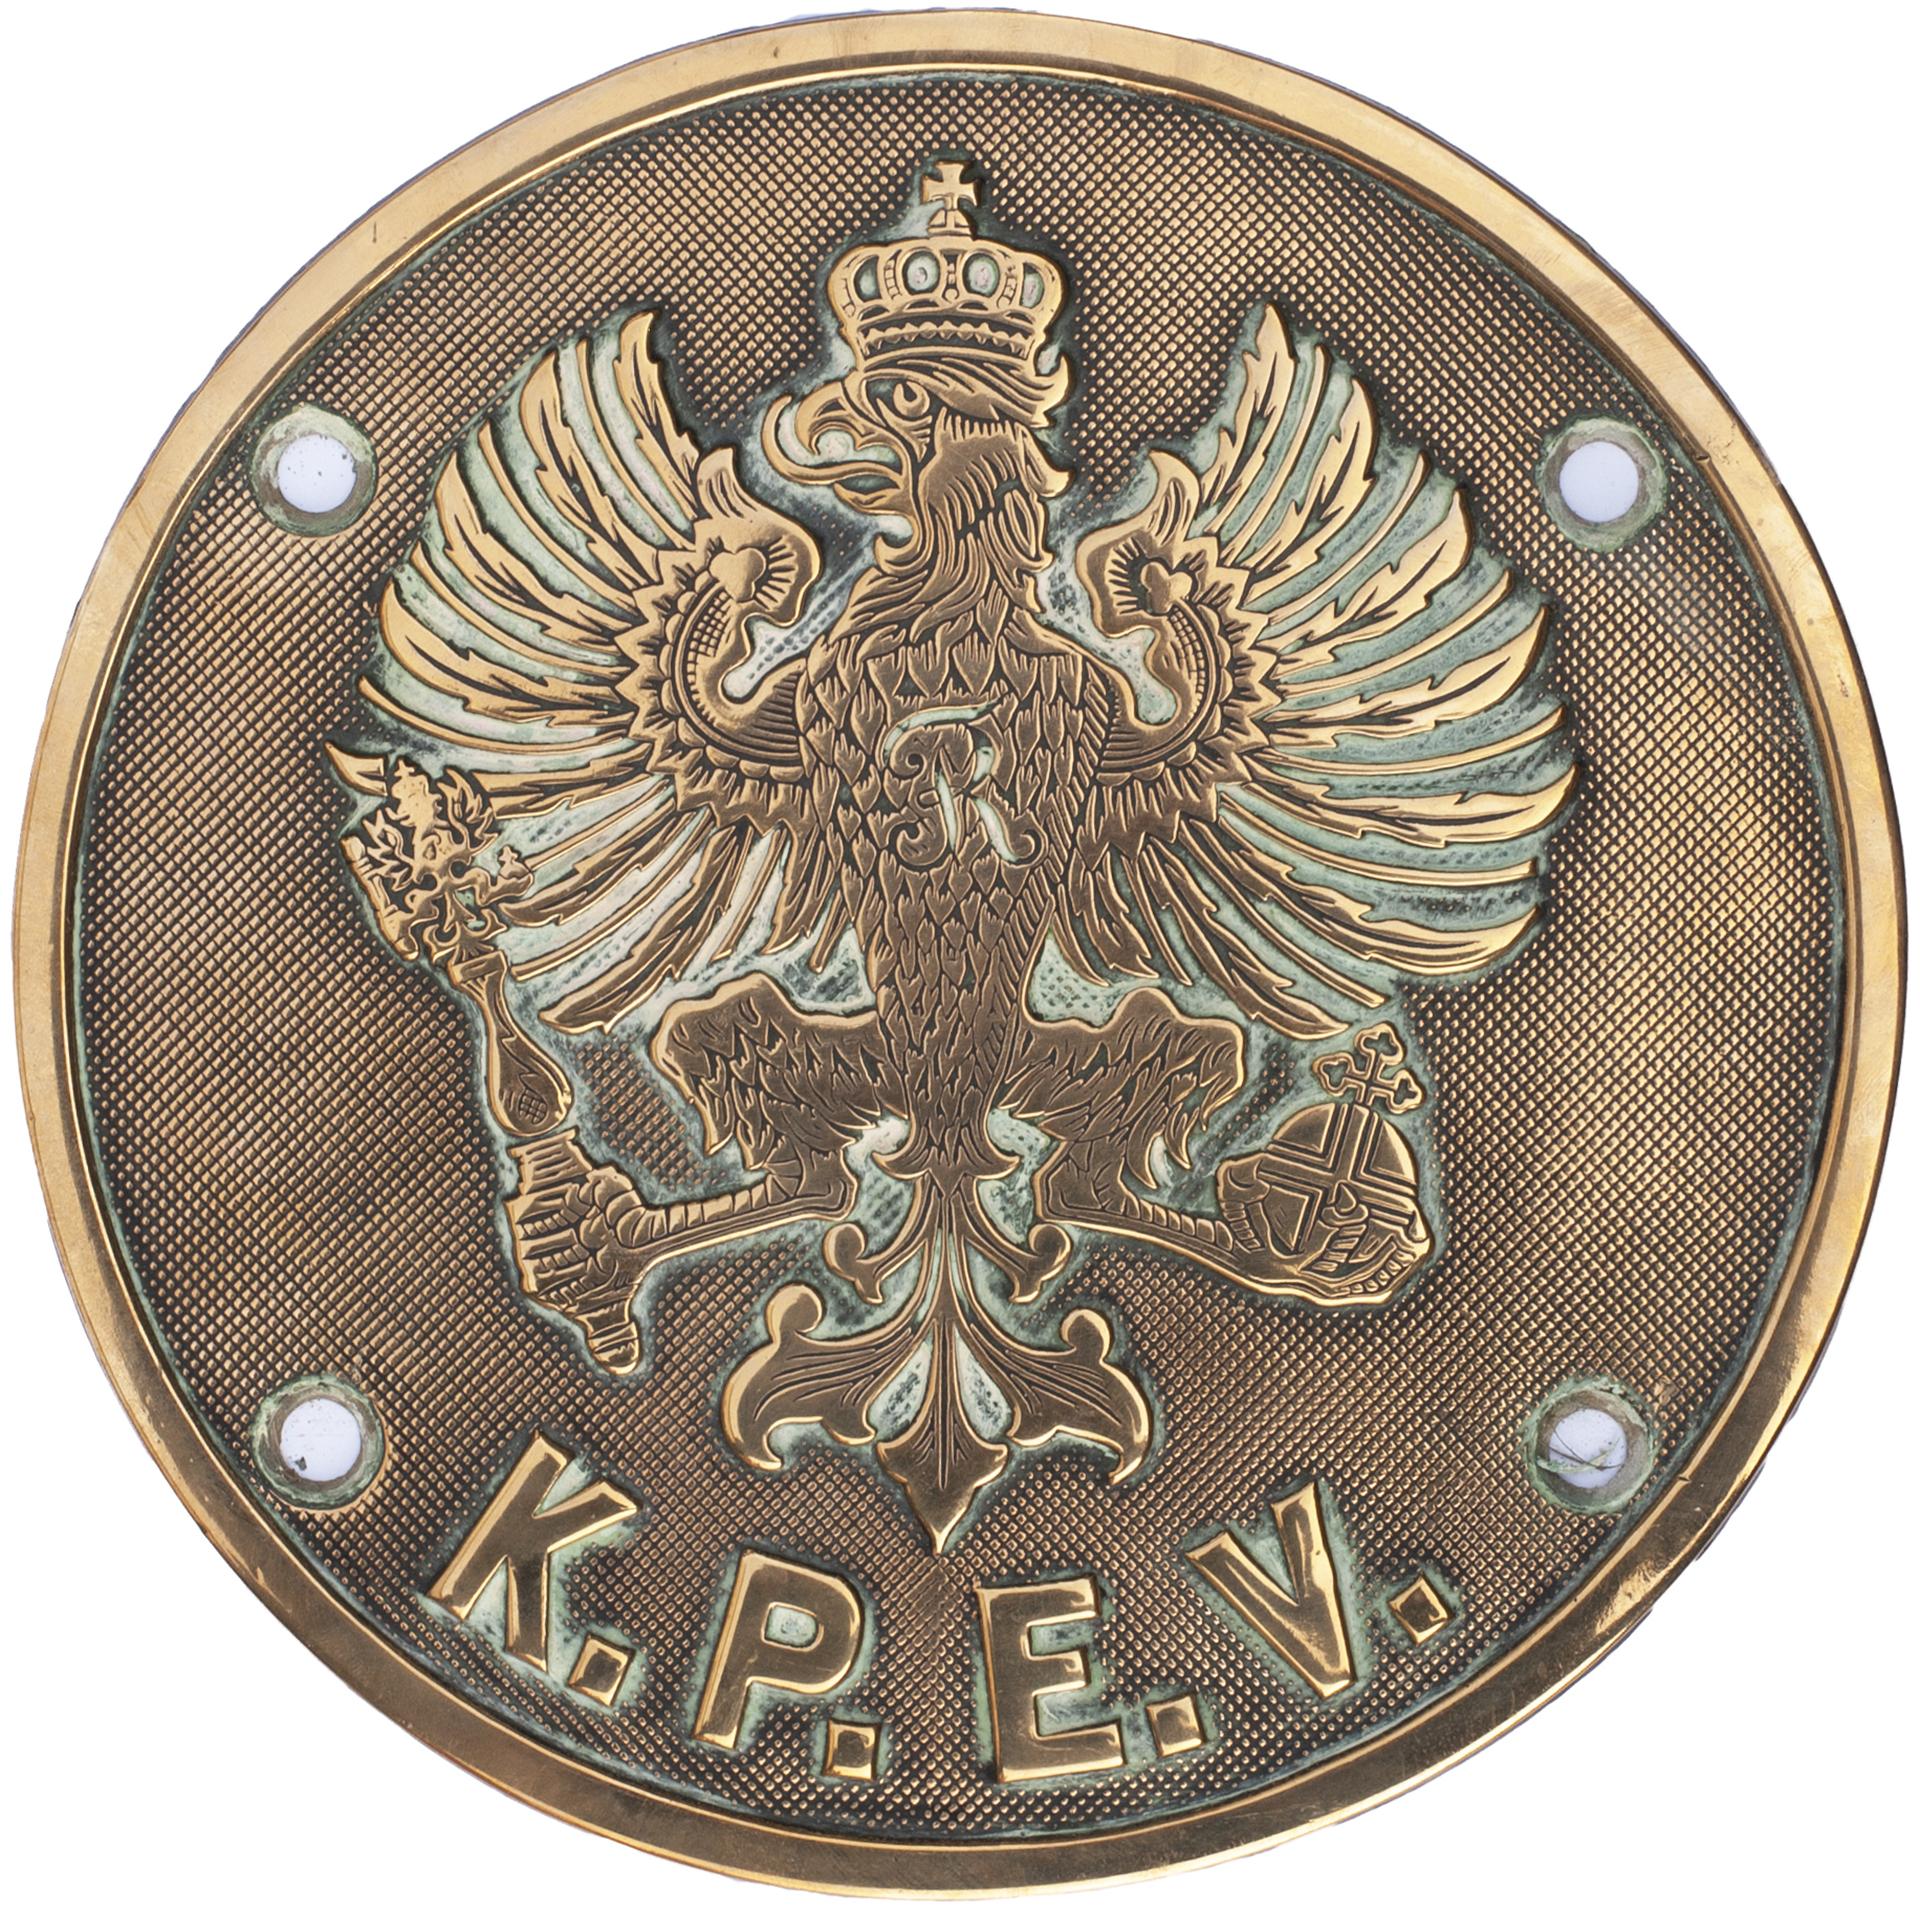 Brass Cabside plate KPEV (Koniglich Preubische Eisenbahn-Verwaltung) Prussian State Railways